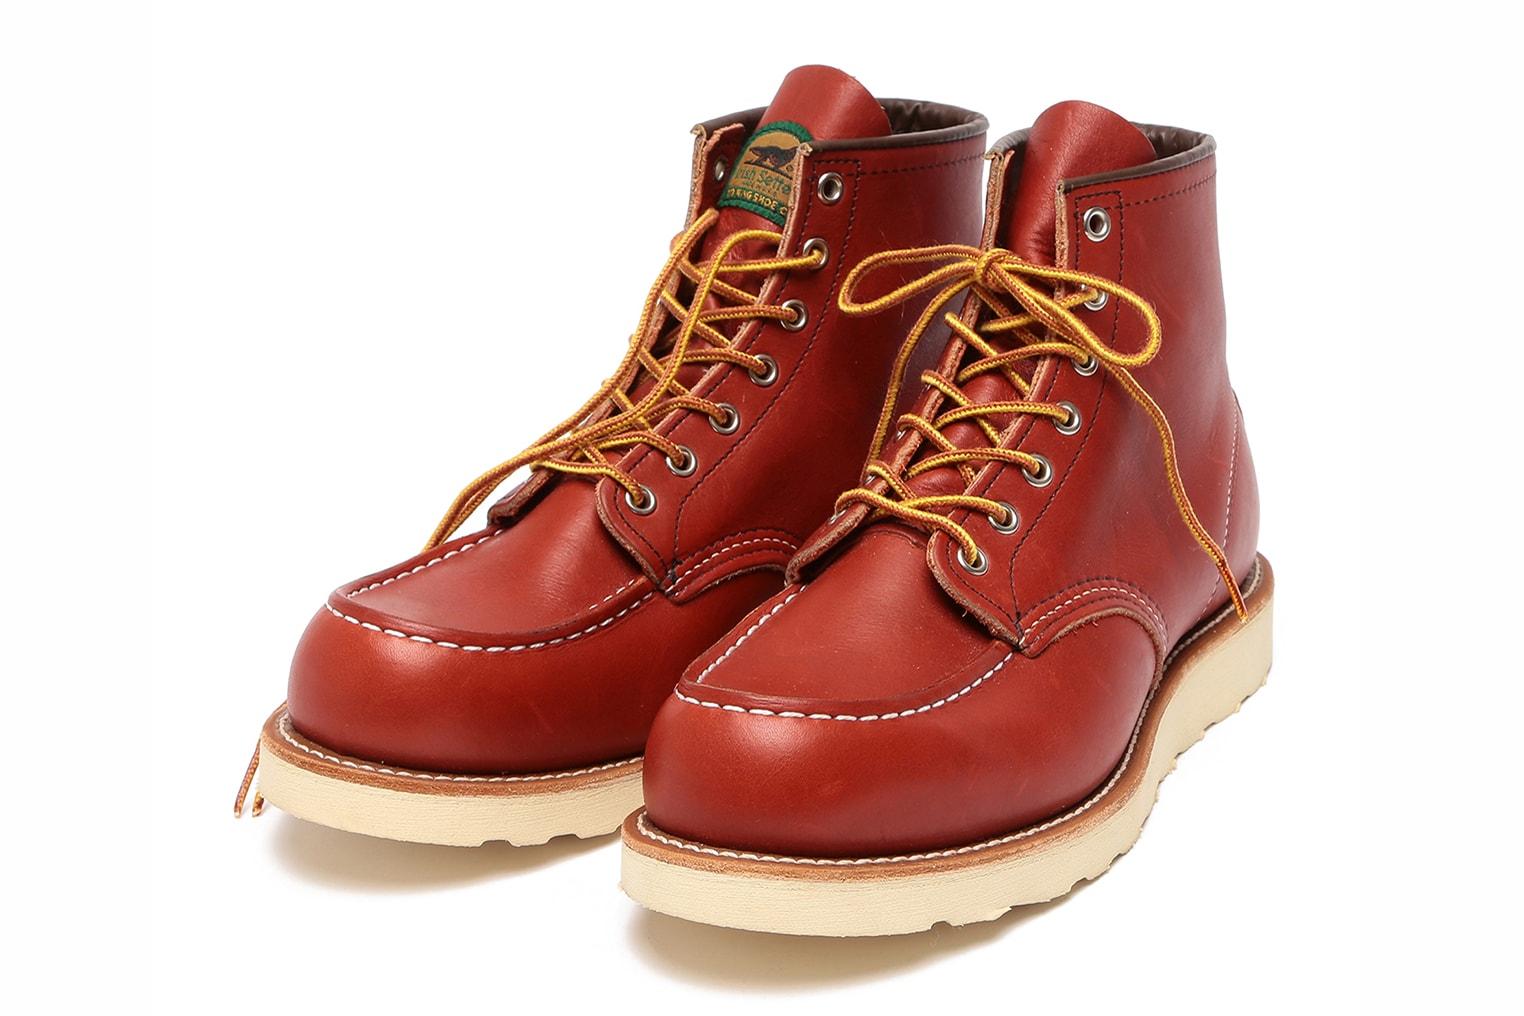 鞋迷駐足 · 6 款今周務必注目之球鞋